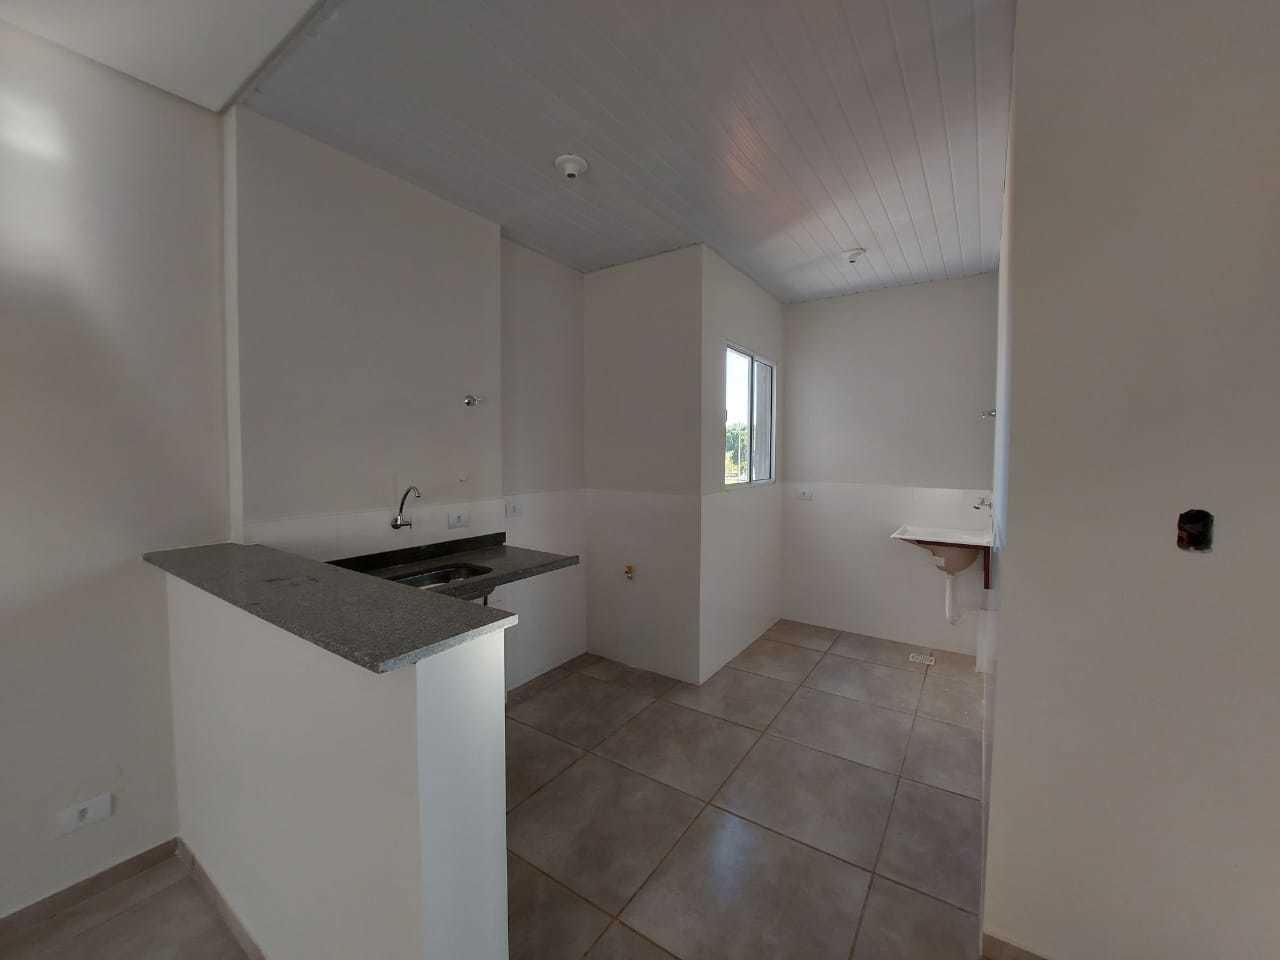 Balcão integra sala e cozinha. (Foto: Divulgação)